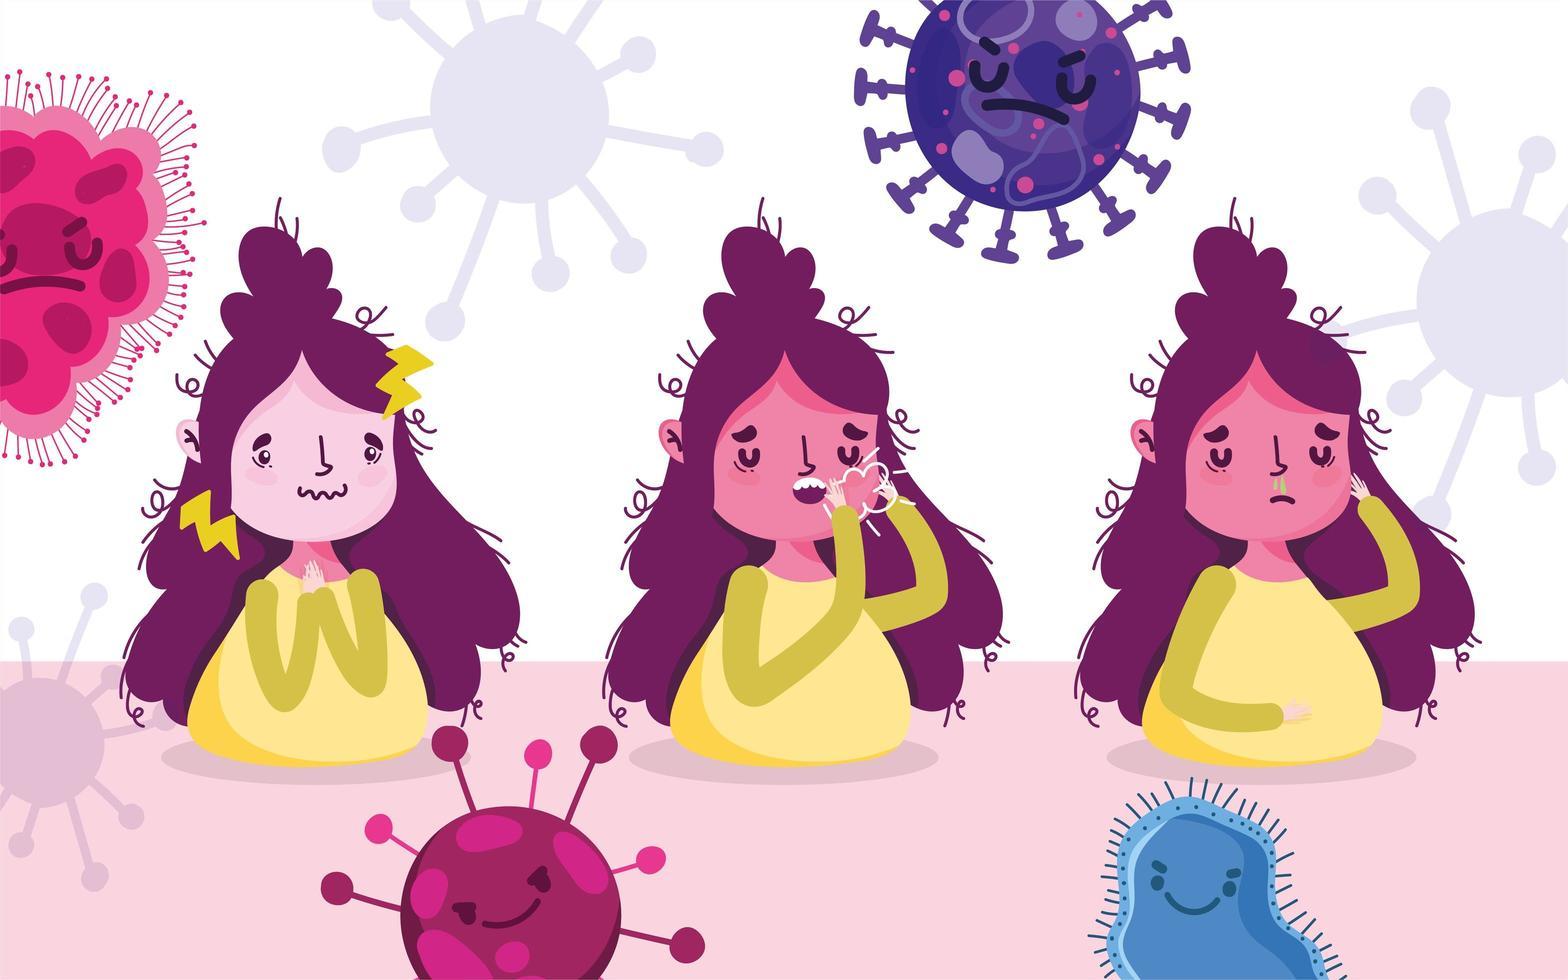 Covid 19 Pandemie Design mit Frauen mit Symptomen vektor